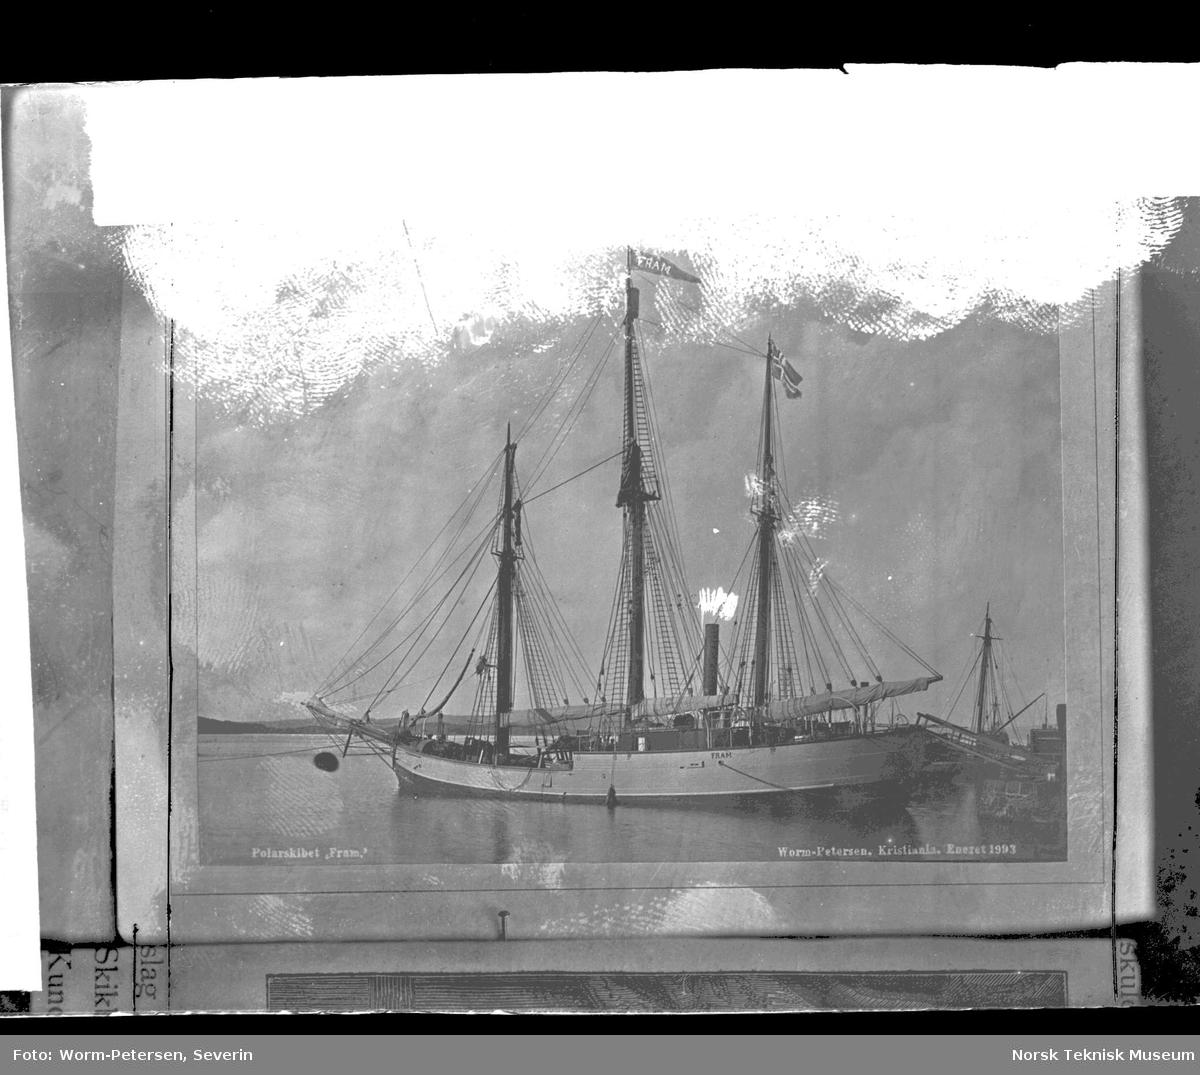 Polarskipet Fram